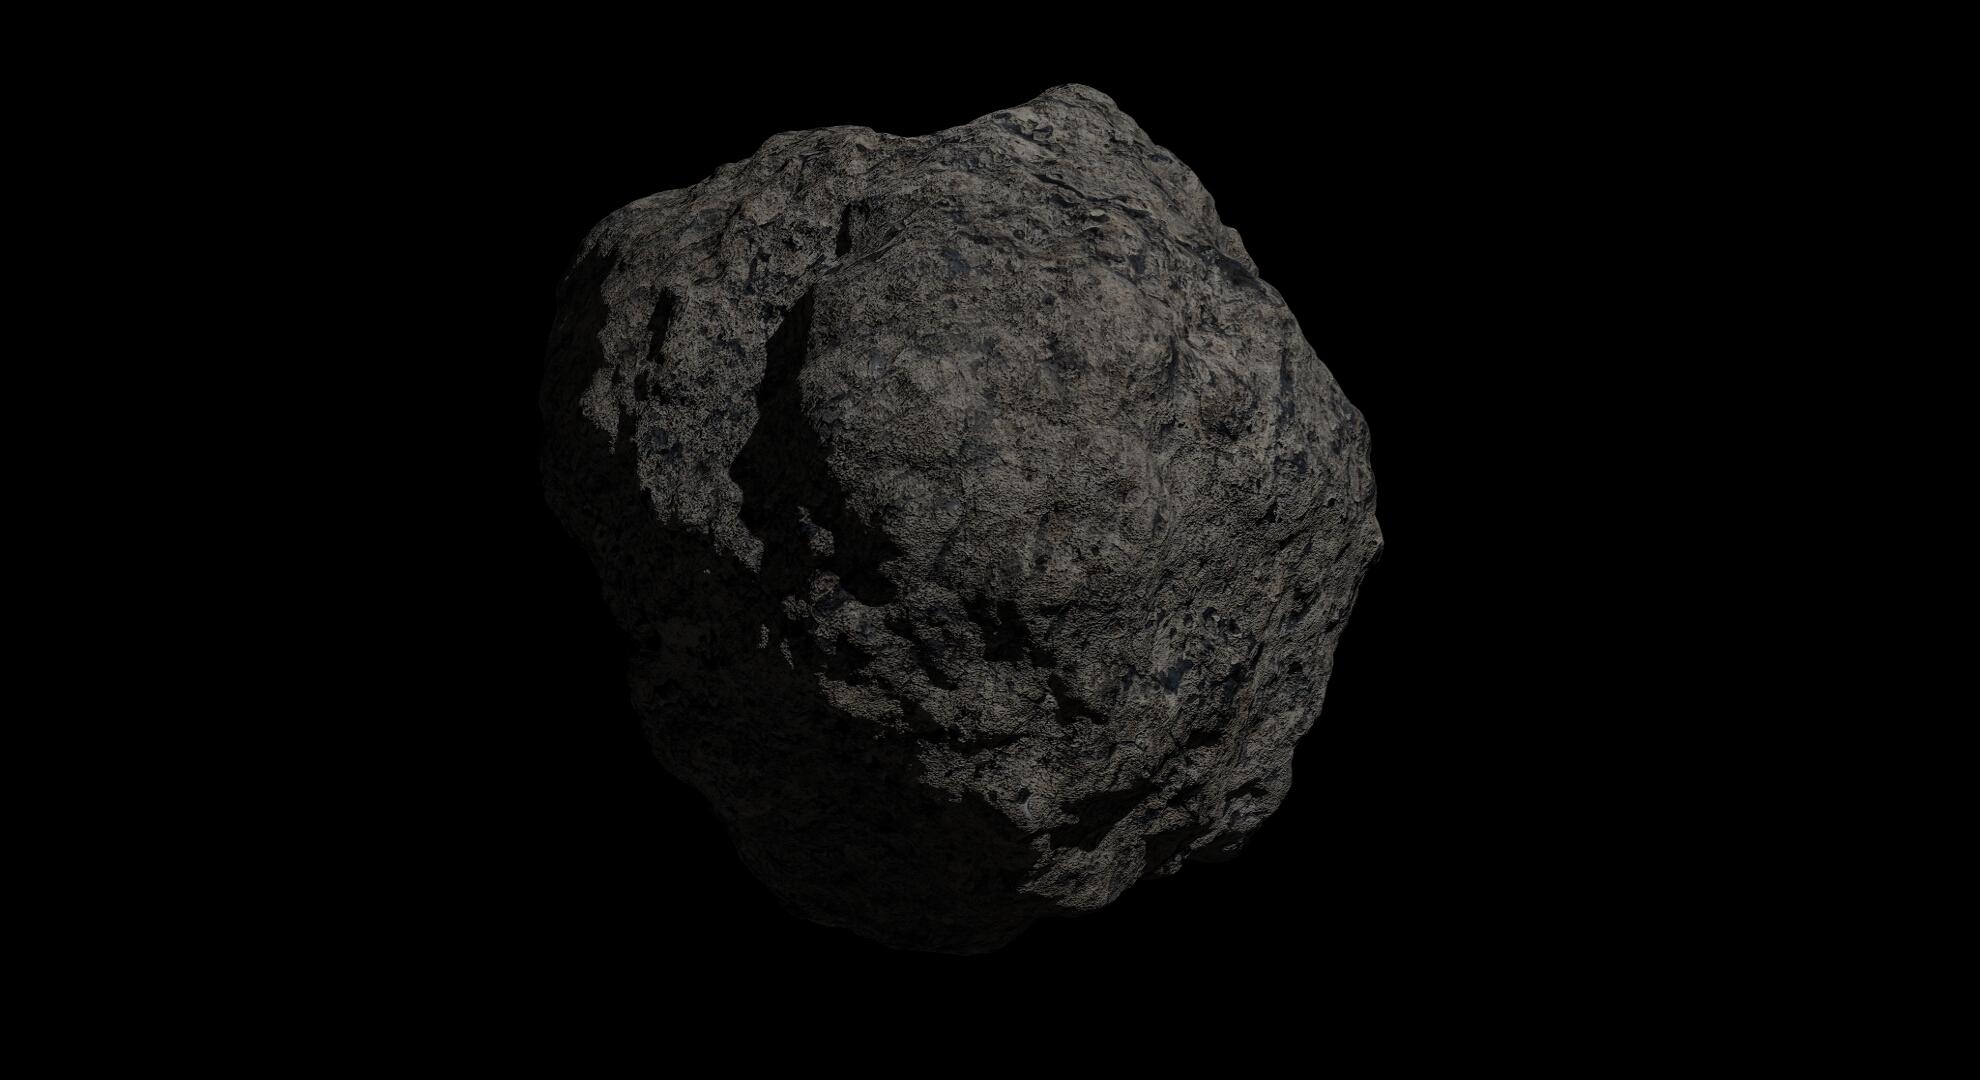 fantaziya asteroid 2 3d modeli 3s qarışığı da fbx obj 267201